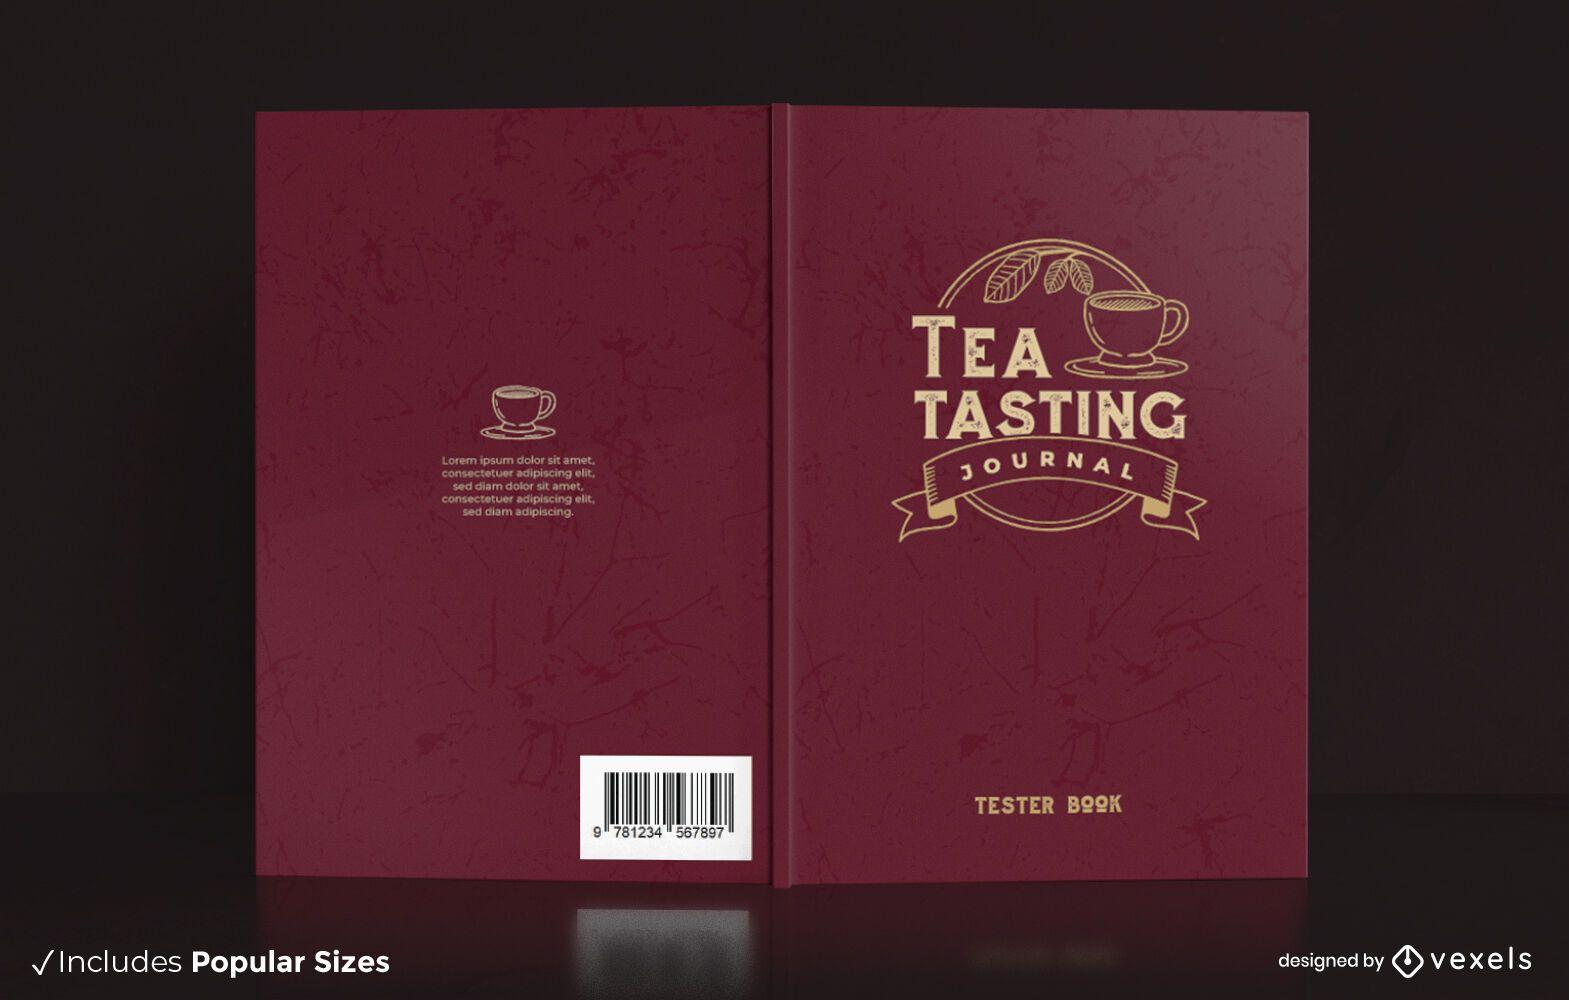 Tea tasting journal cover deisgn